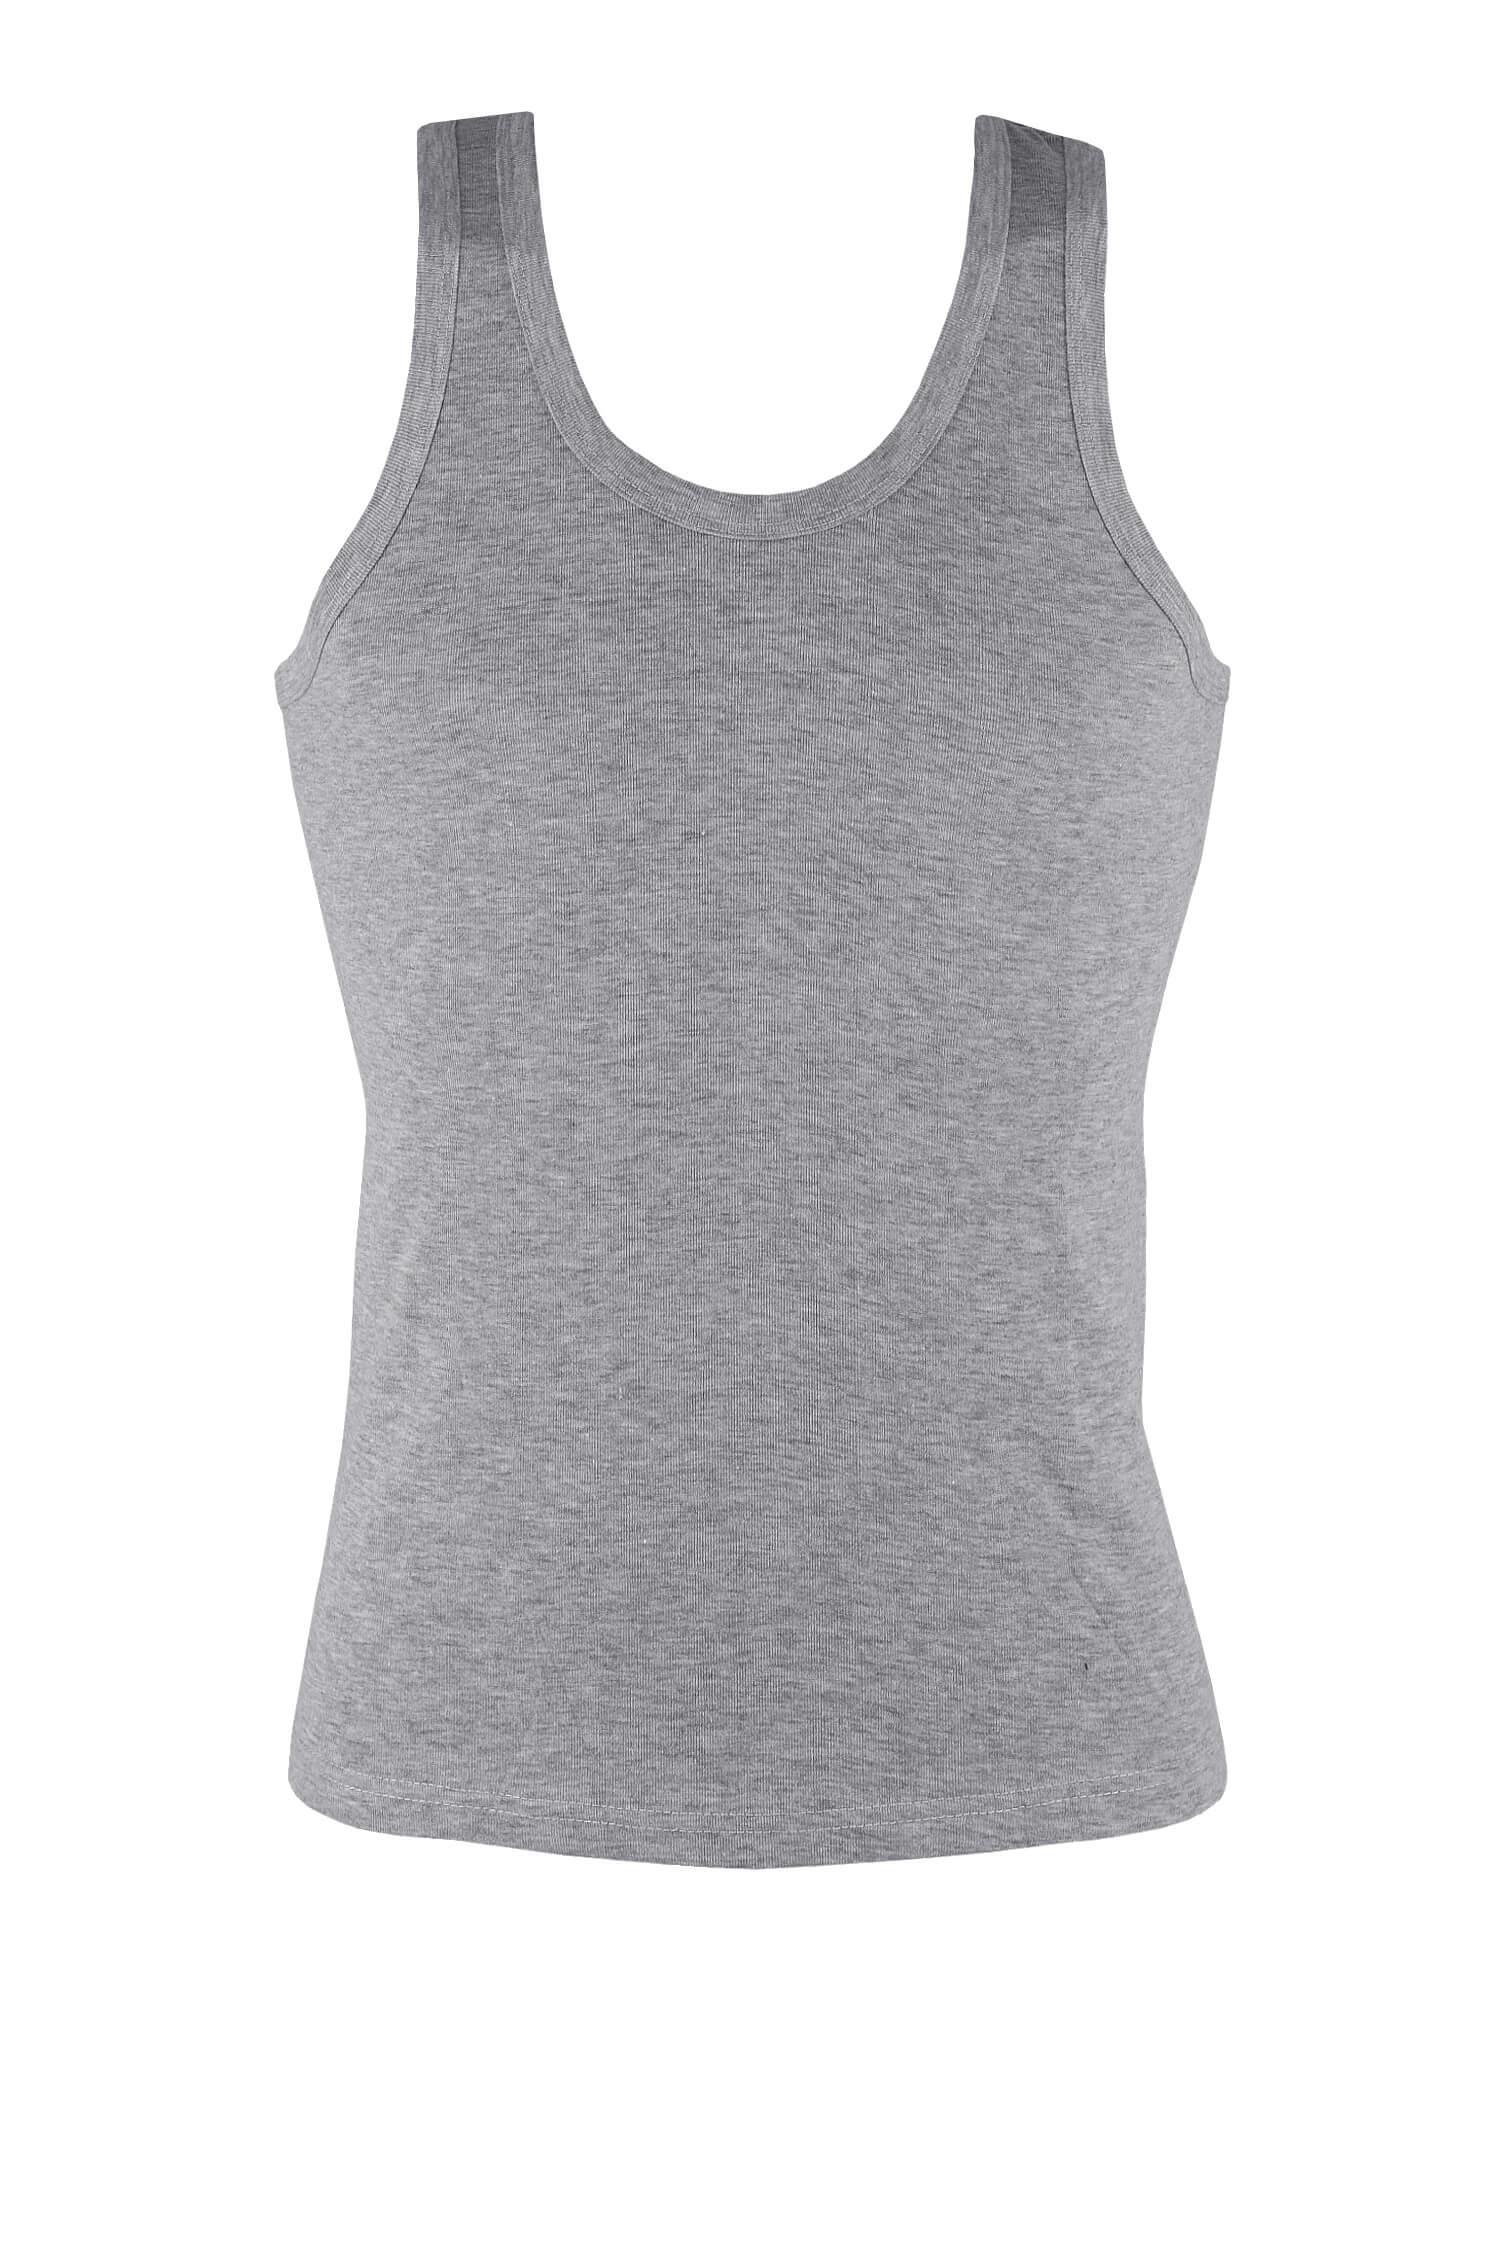 Yily Grey pánské tílko hladké bavlna 4XL šedá